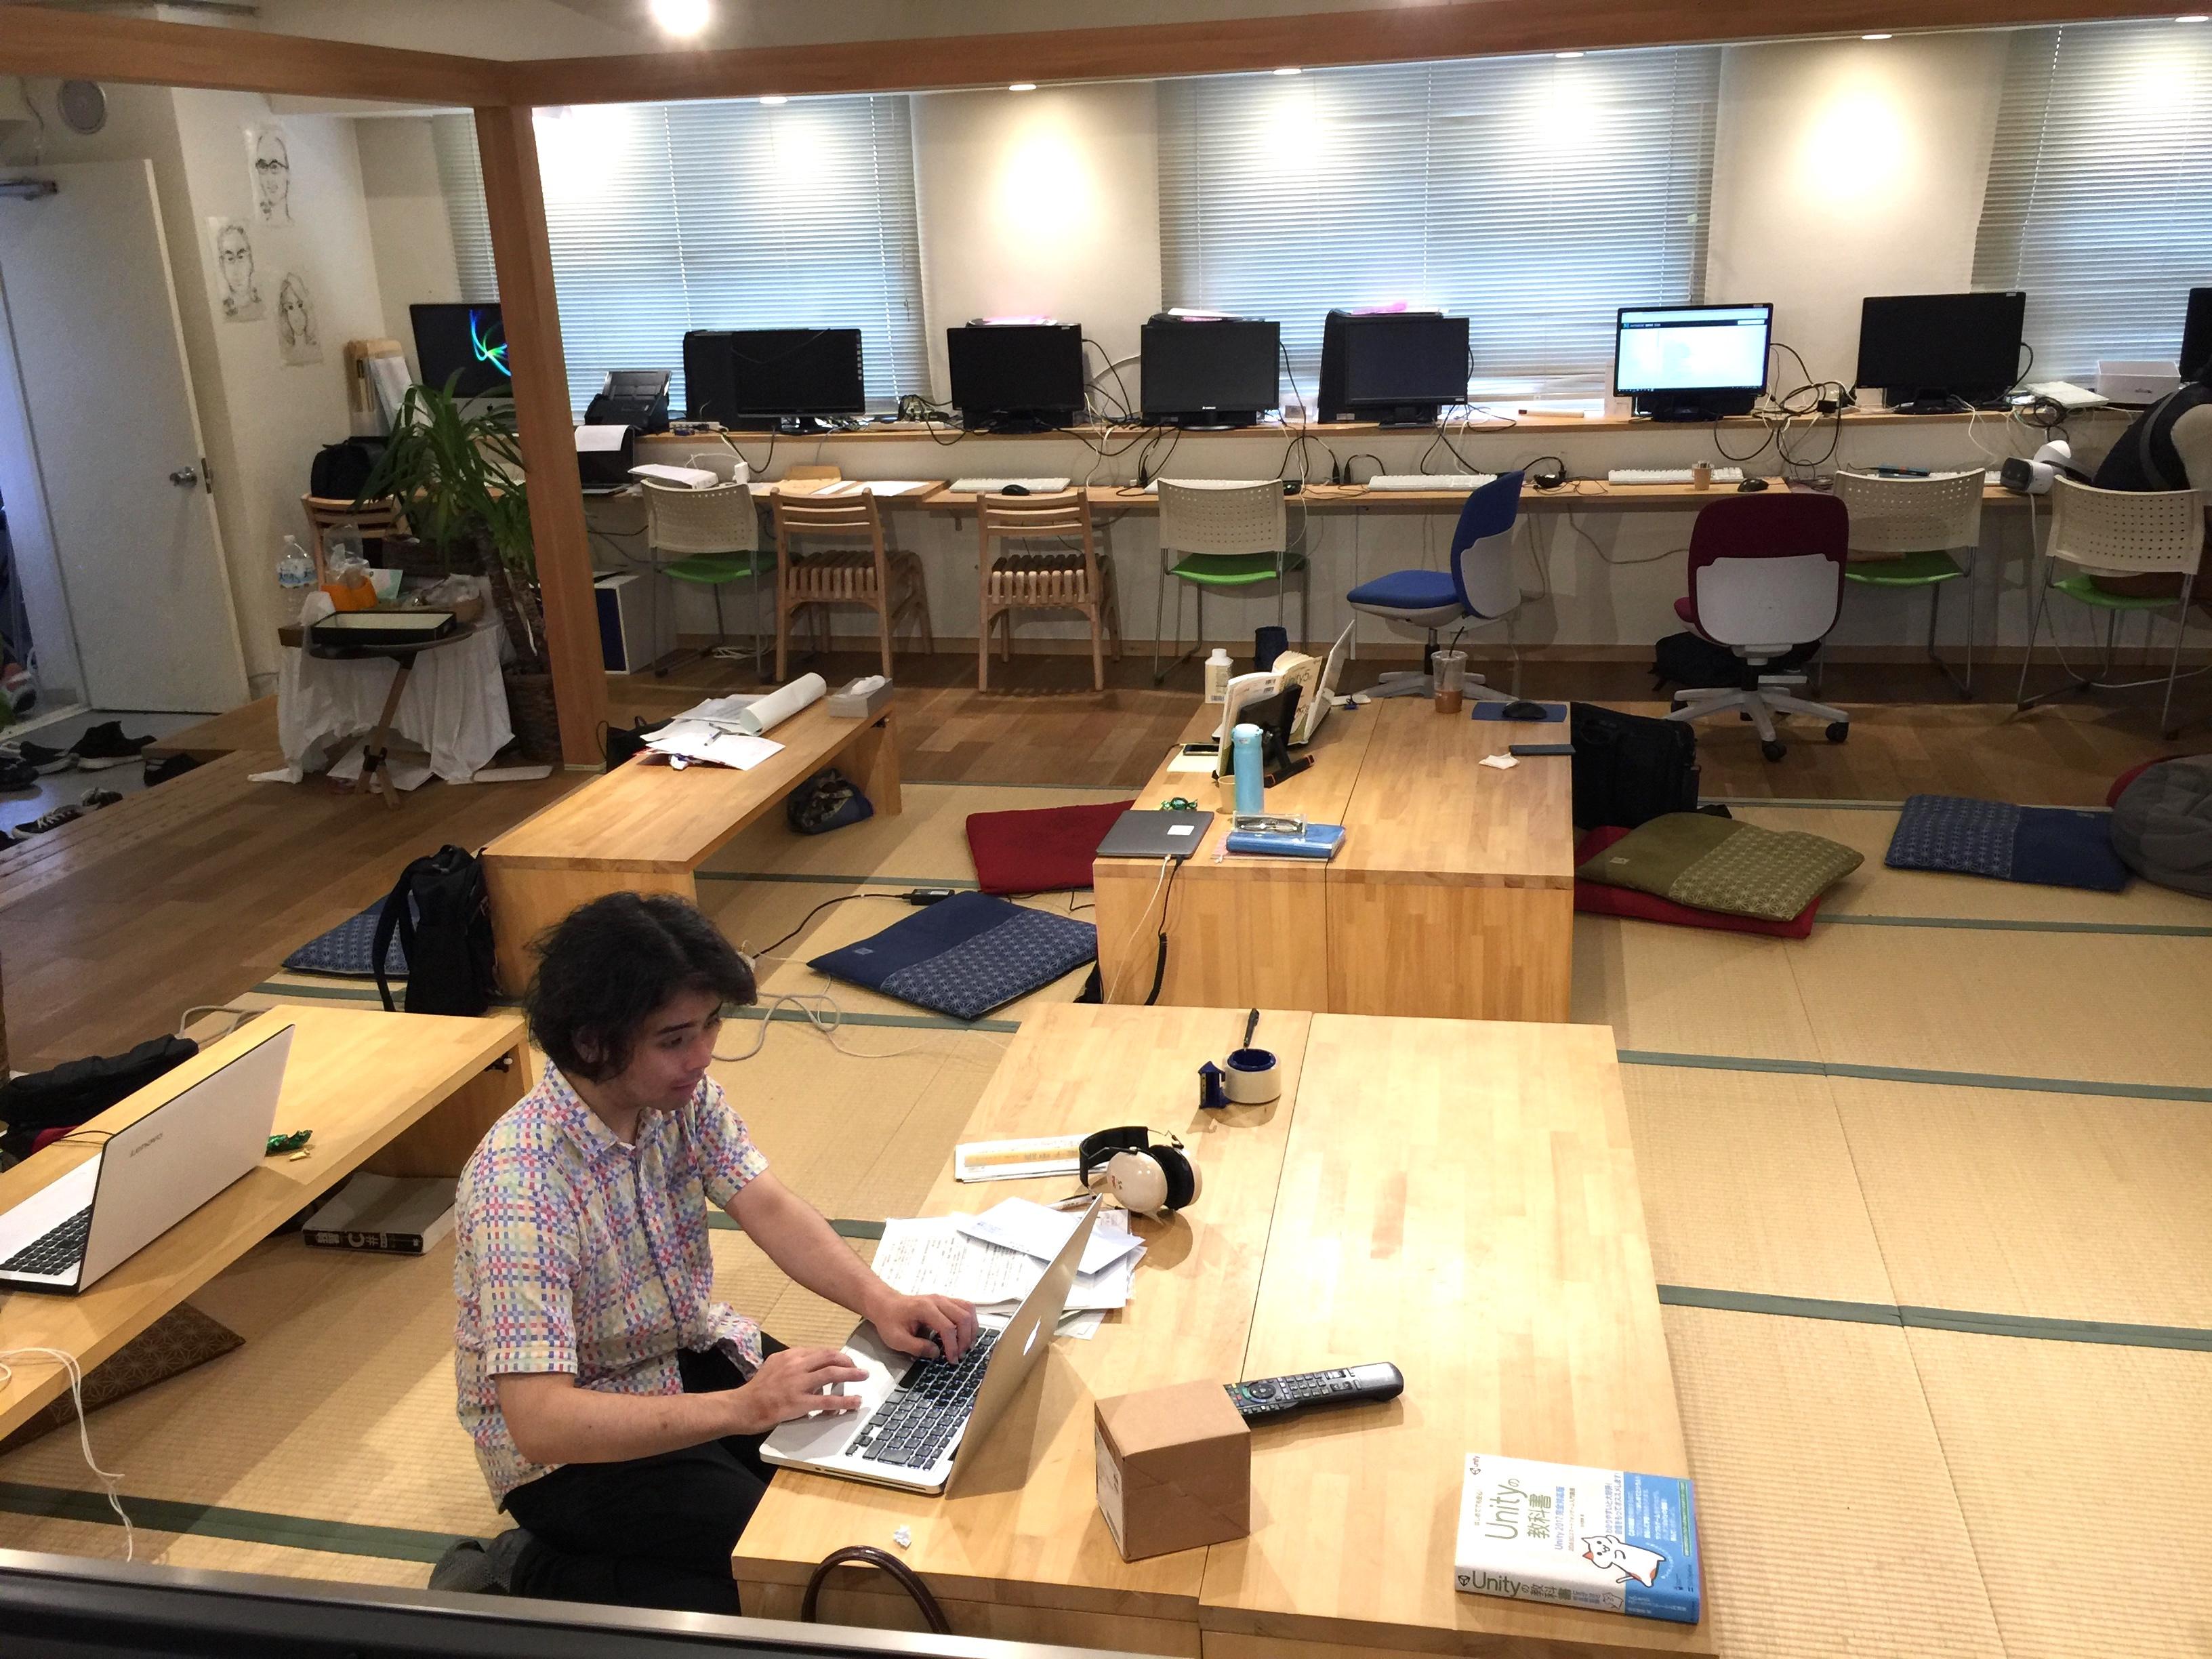 就労移行支援施設 GFTD.WORKS(ギフテッドワークス)のオープンスペース